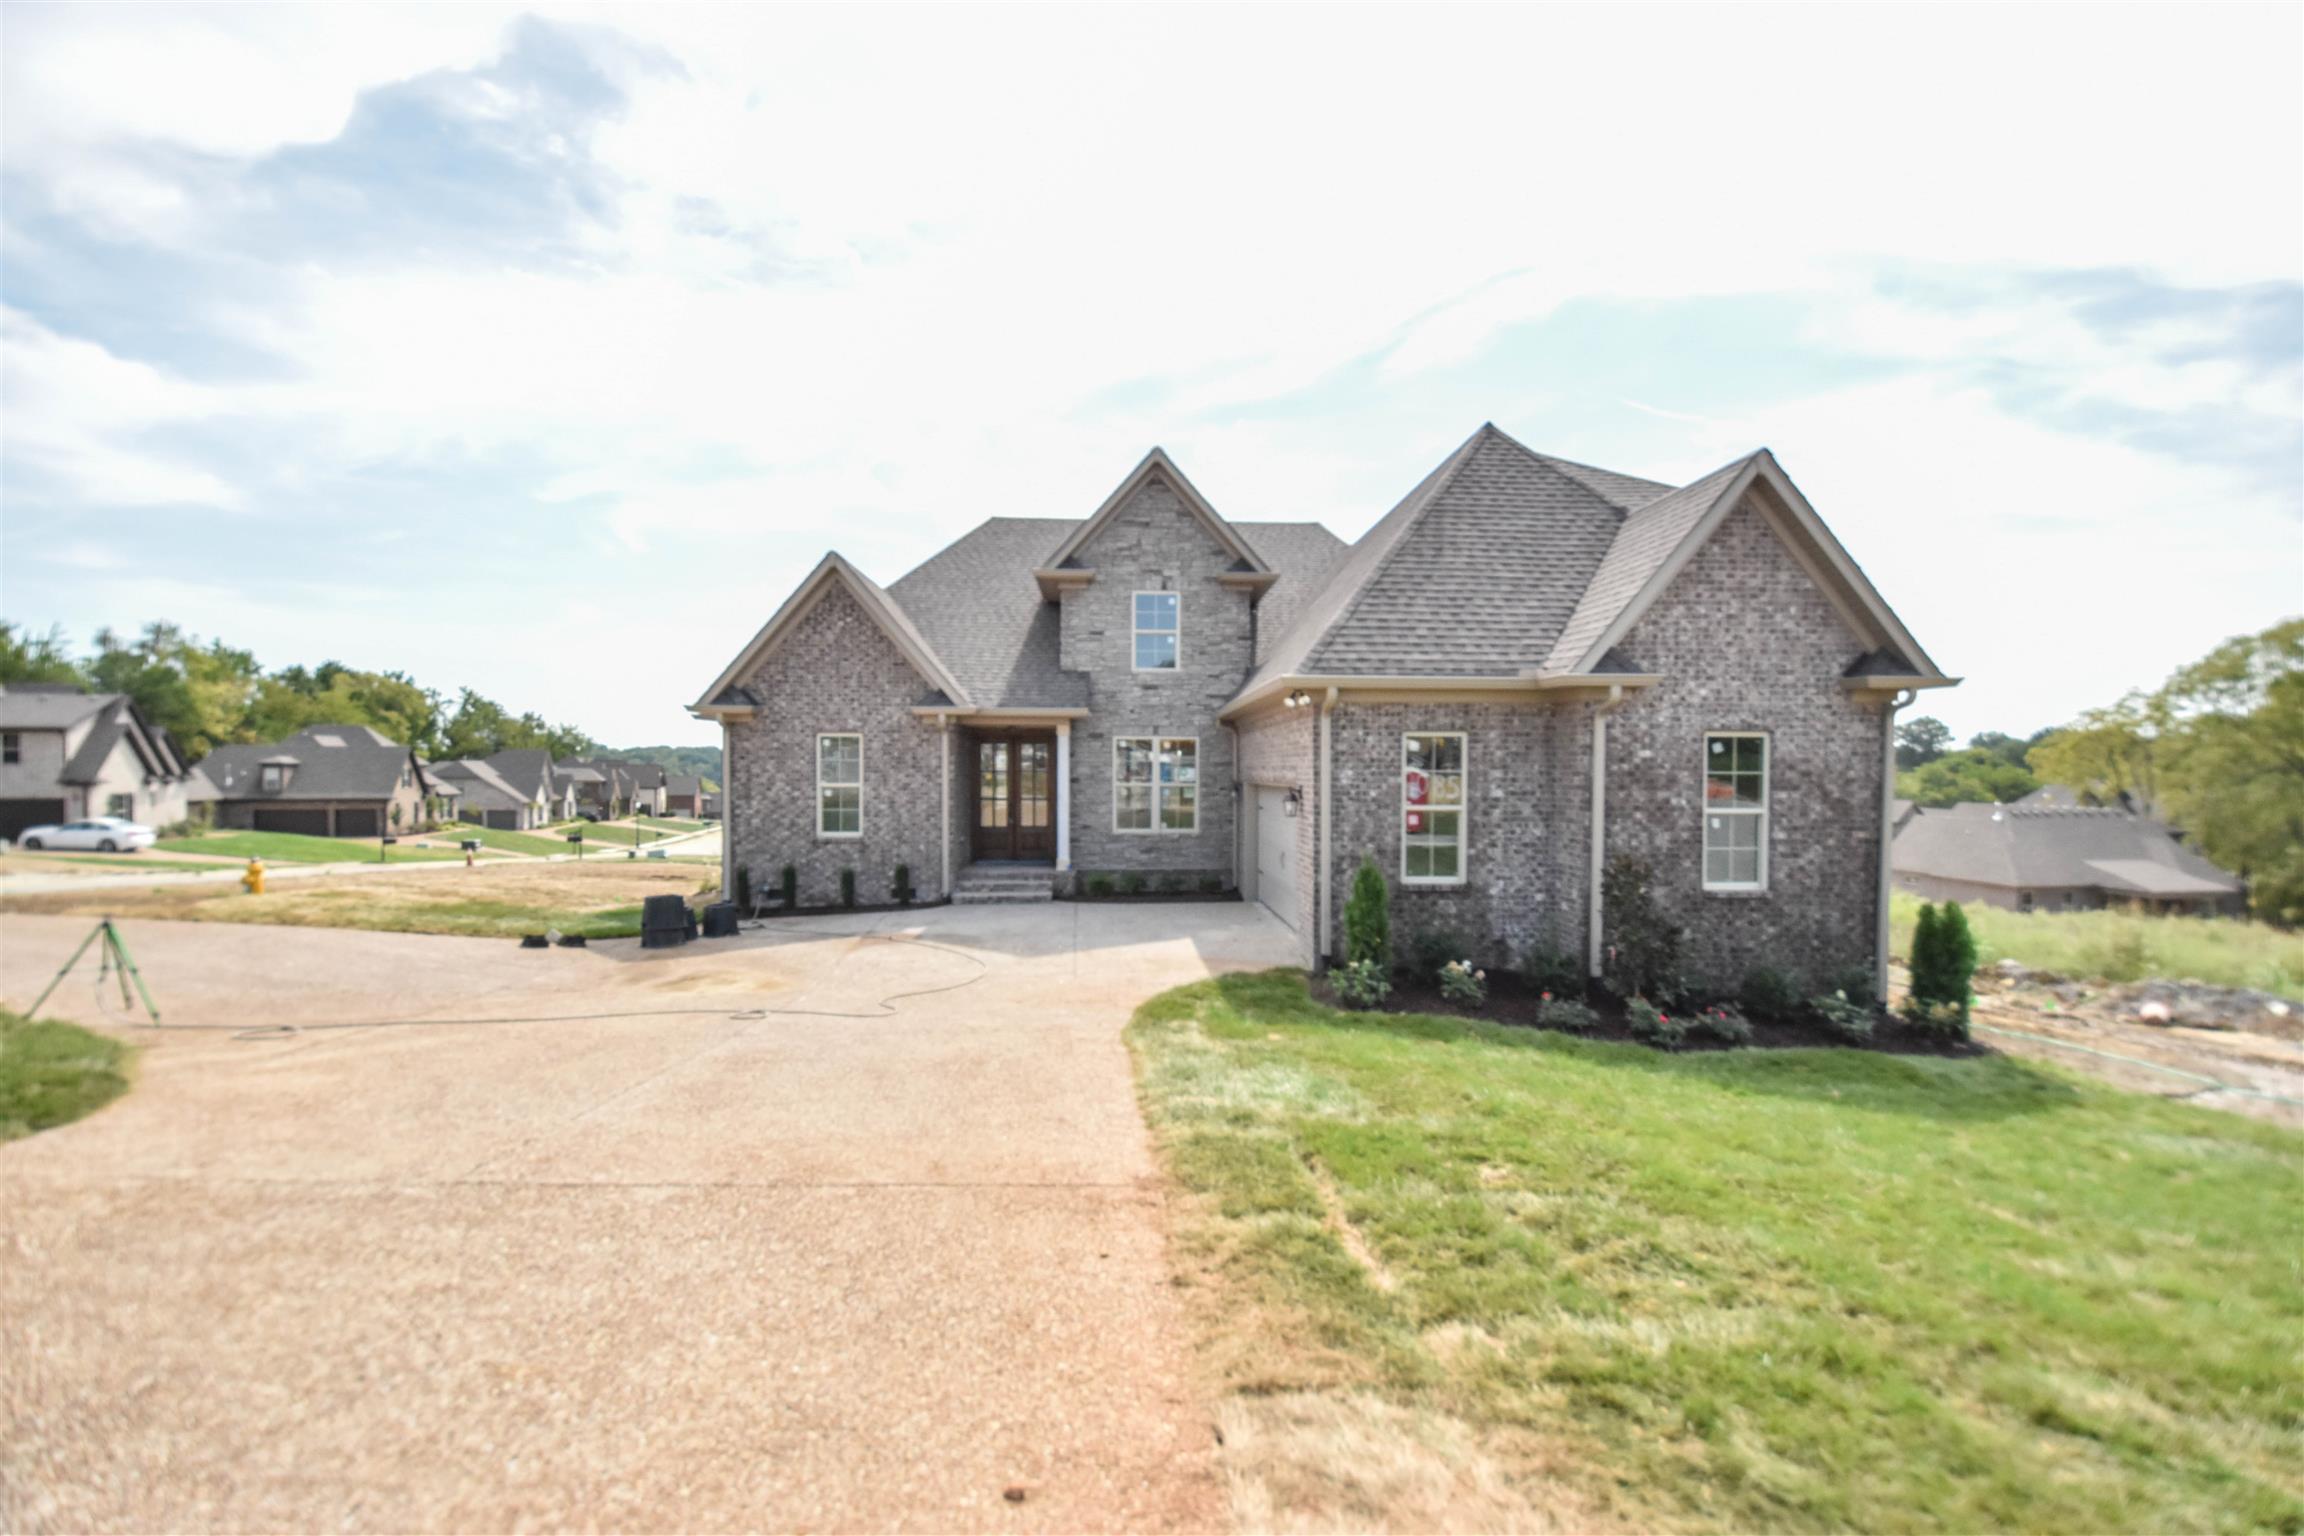 1085 Dorset Drive, Hendersonville, TN 37075 - Hendersonville, TN real estate listing